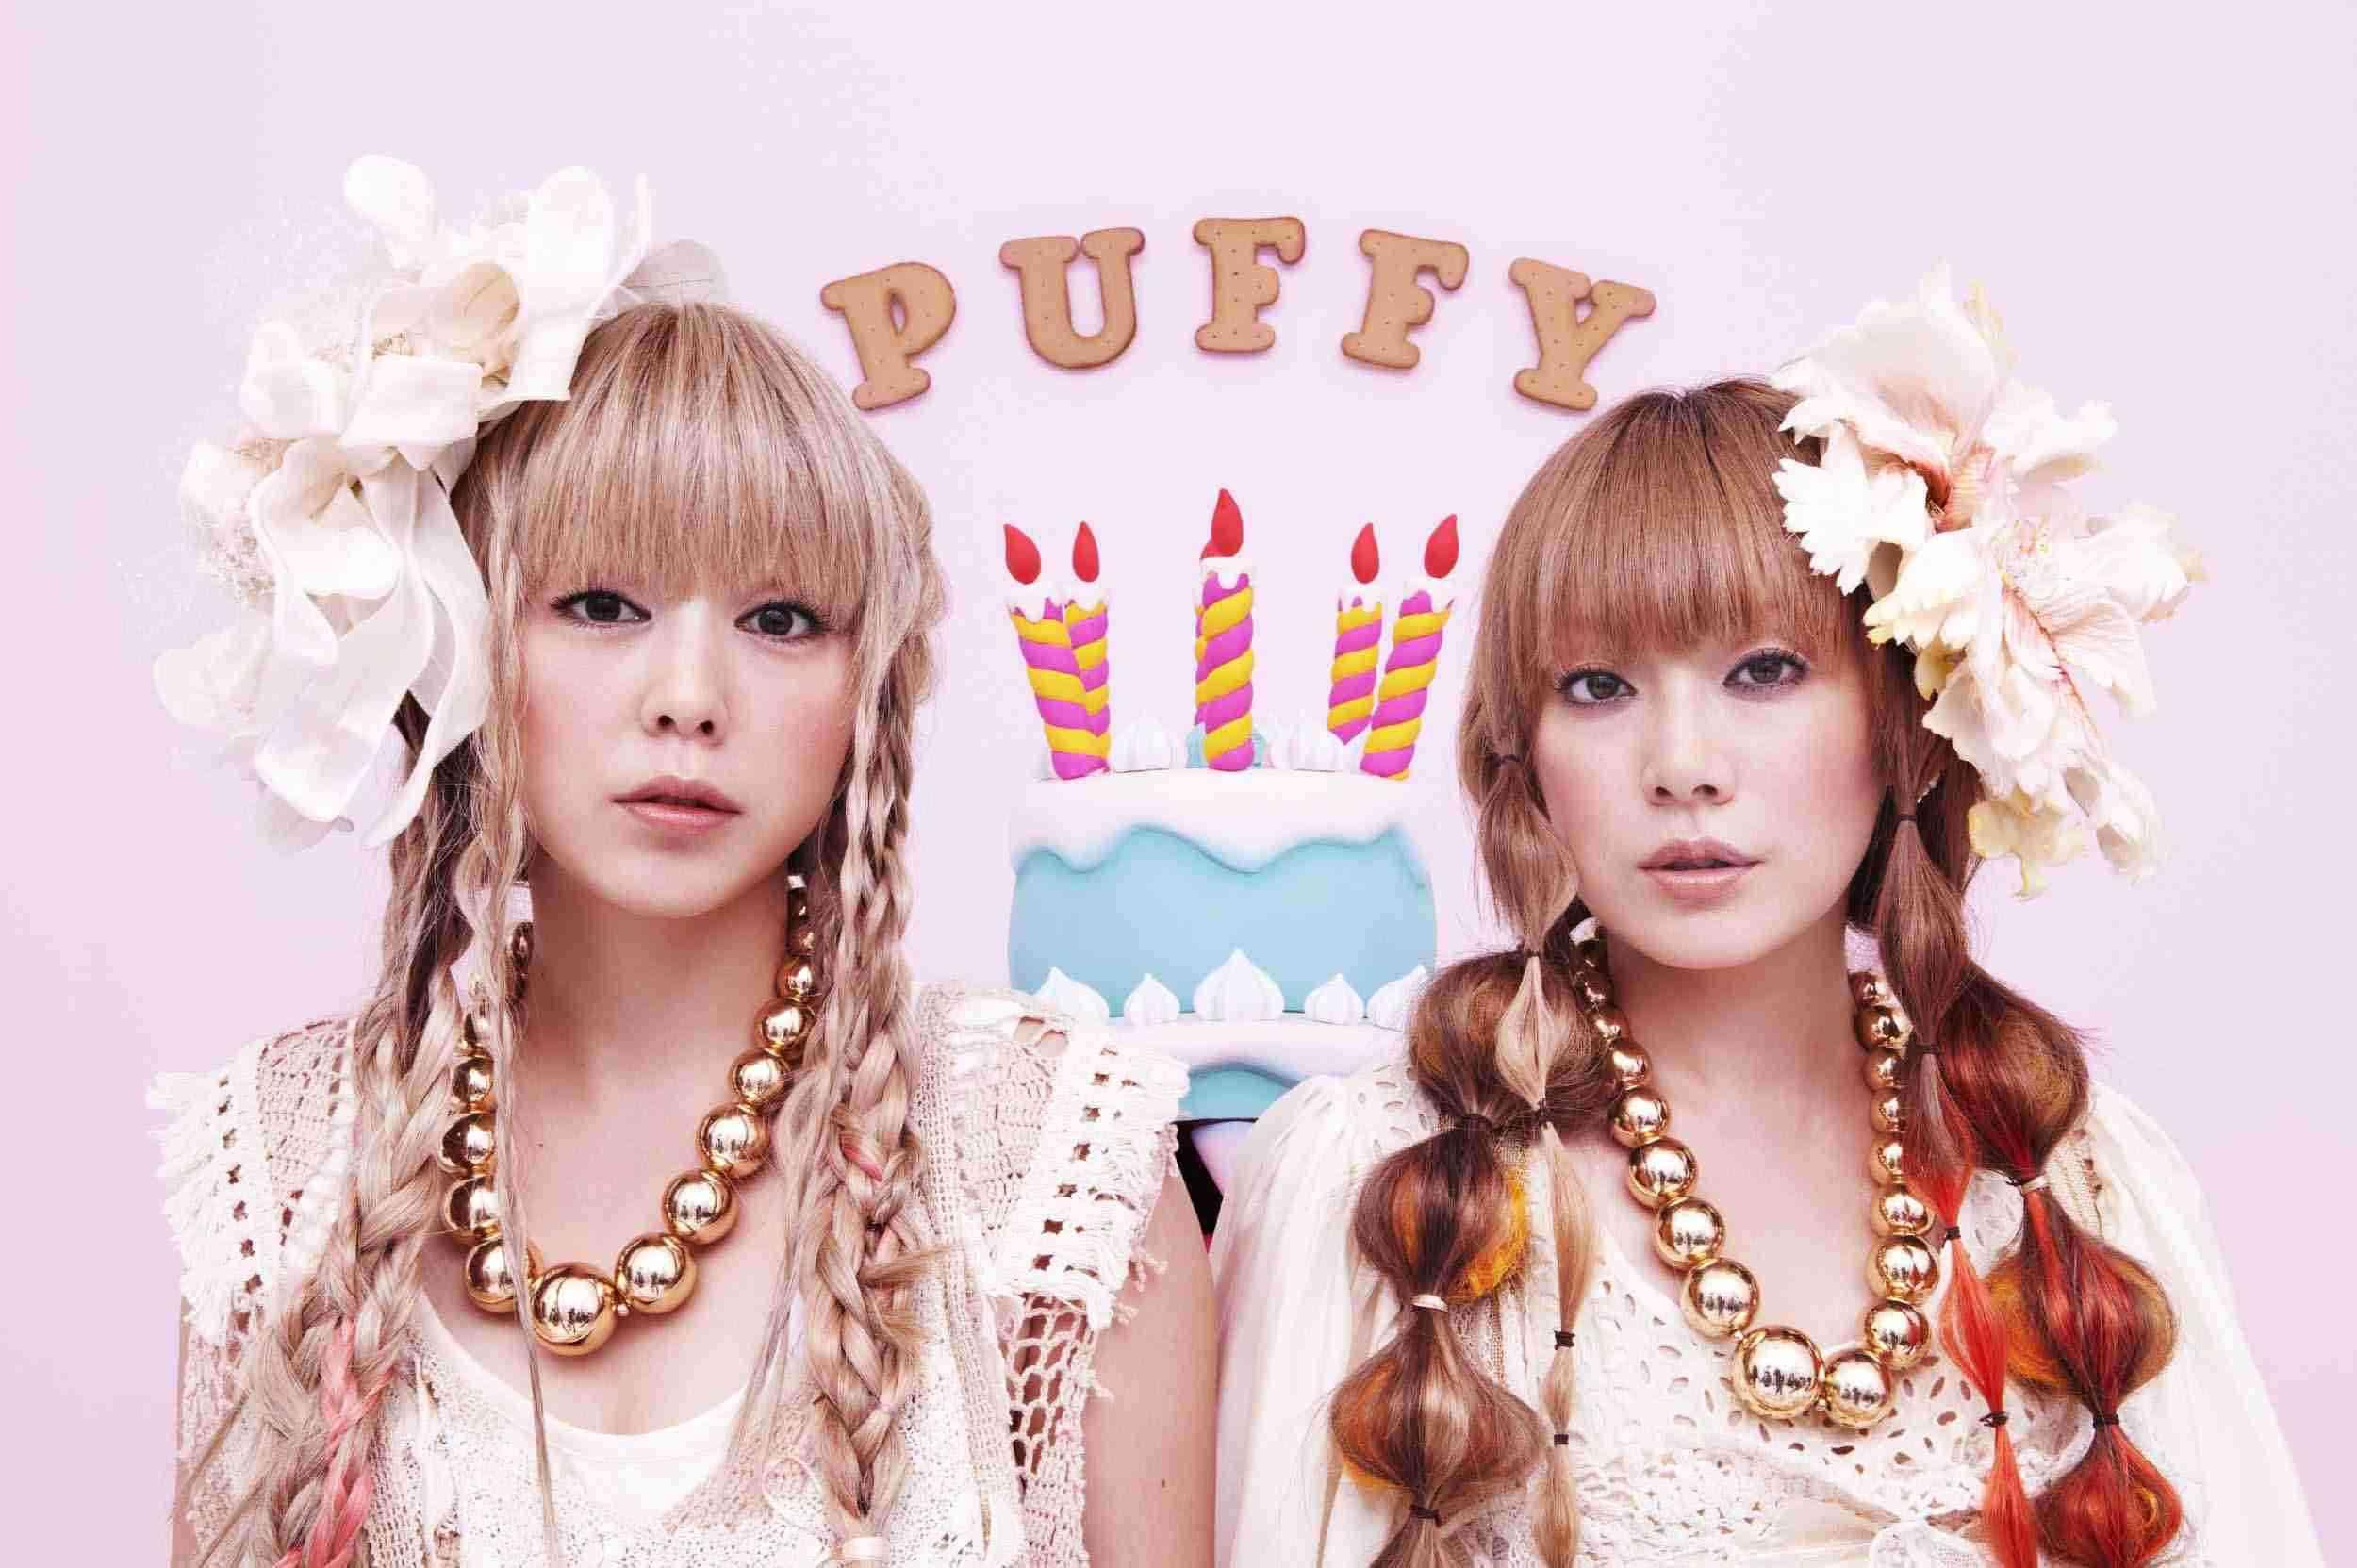 PUFFY・吉村由美に「老化した」の声…「中年太り」の大貫亜美とともに、揃って劣化?